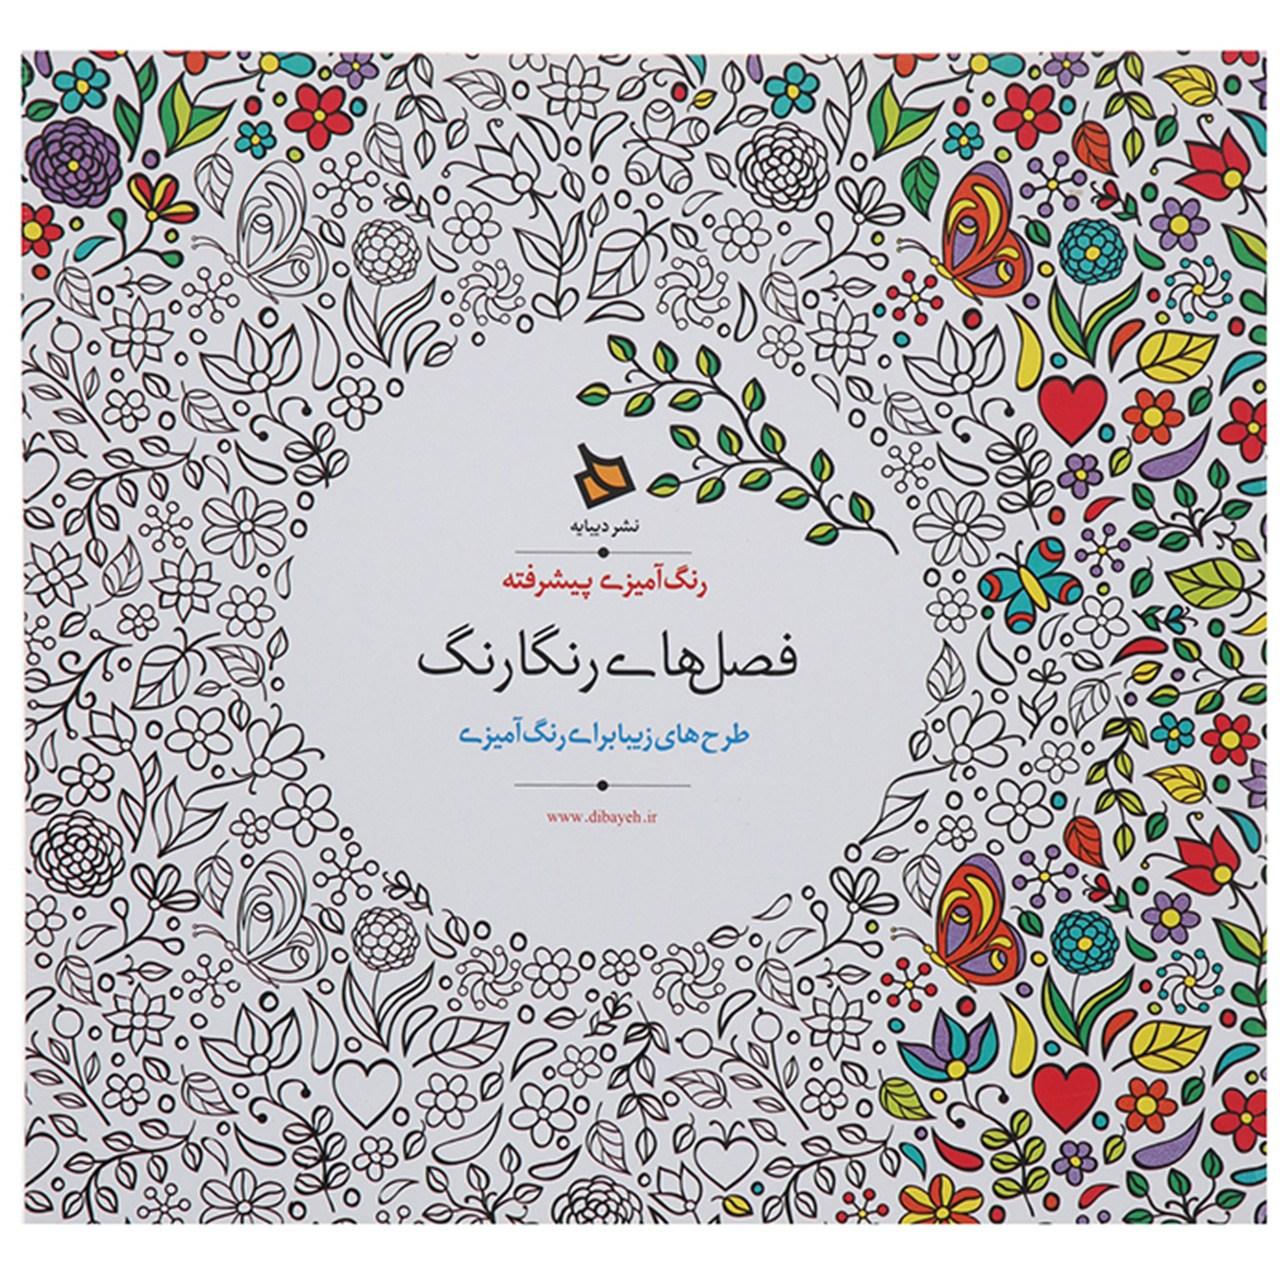 کتاب رنگ آمیزی پیشرفته فصل های رنگارنگ اثر اوزکان آرتاش